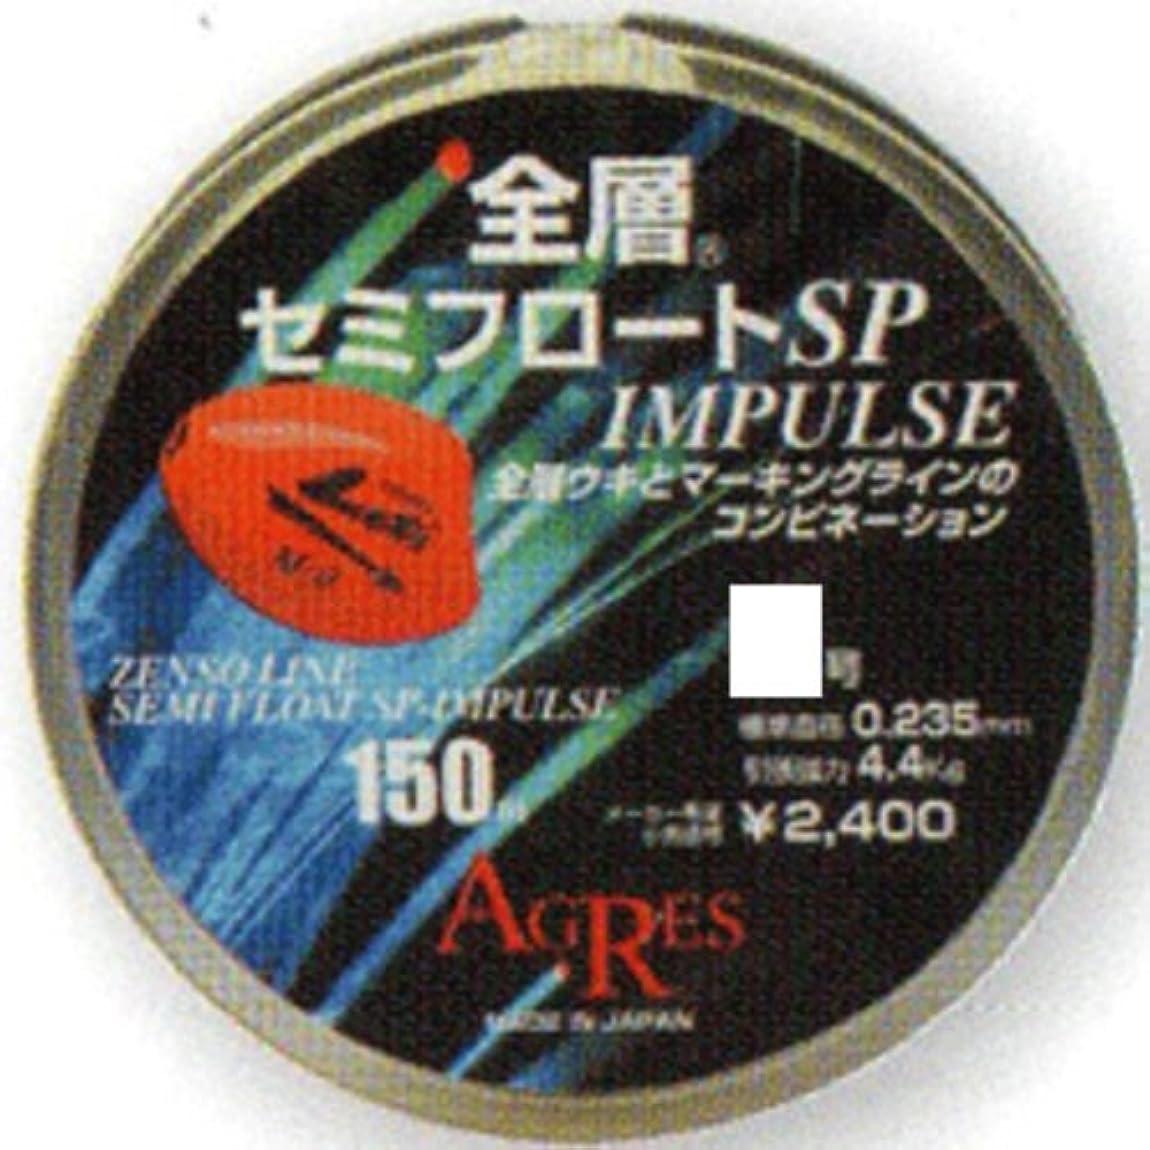 地質学不毛の非アクティブキザクラ(kizakura) ライン 全層セミフロート SP-IMPULSE 150m 1.75号